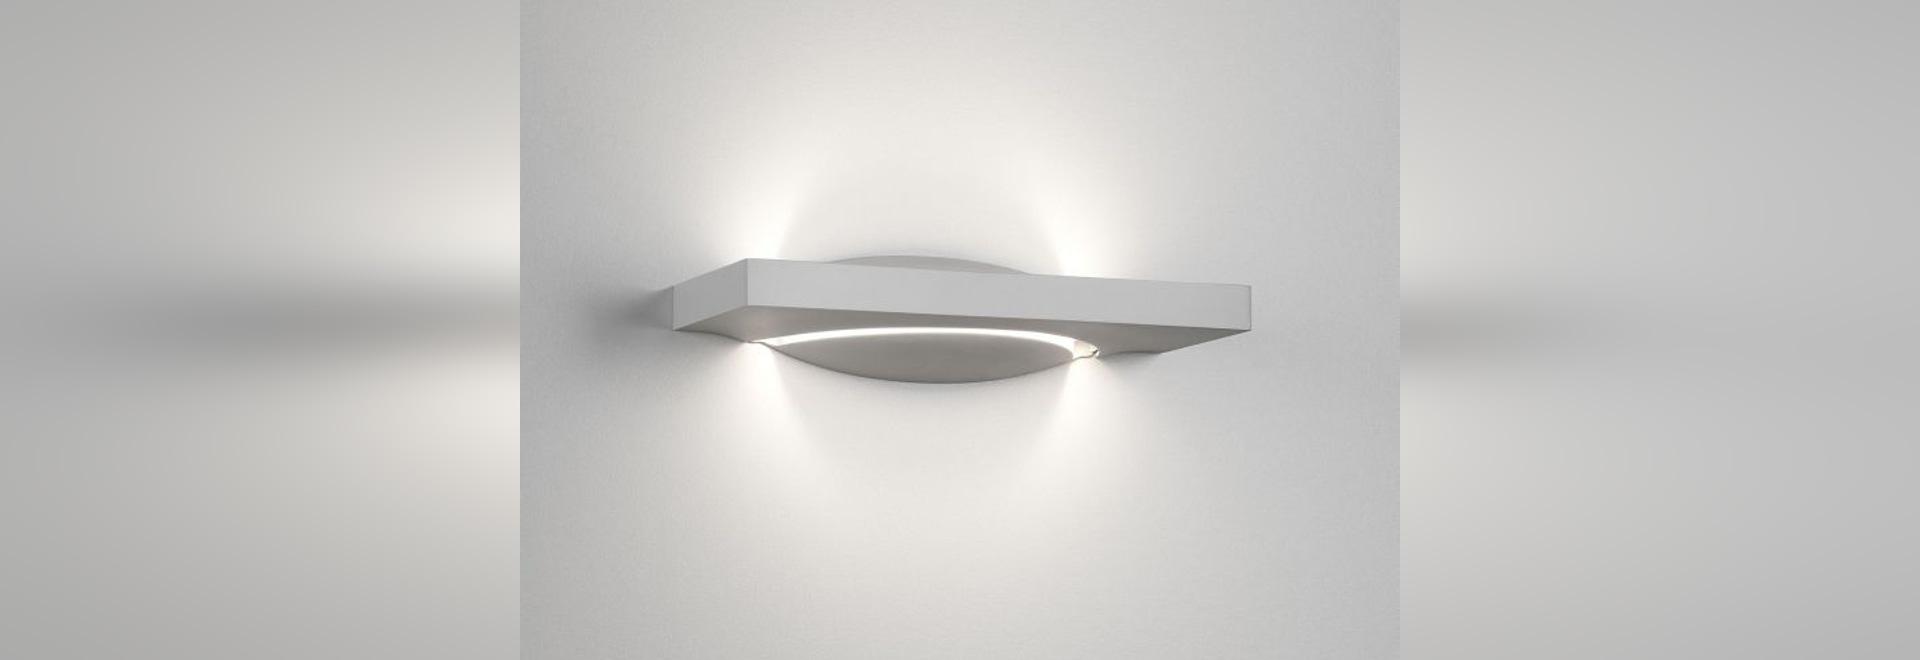 NUOVO: Luce contemporanea della parete di POGO da DELTA LIGHT ...